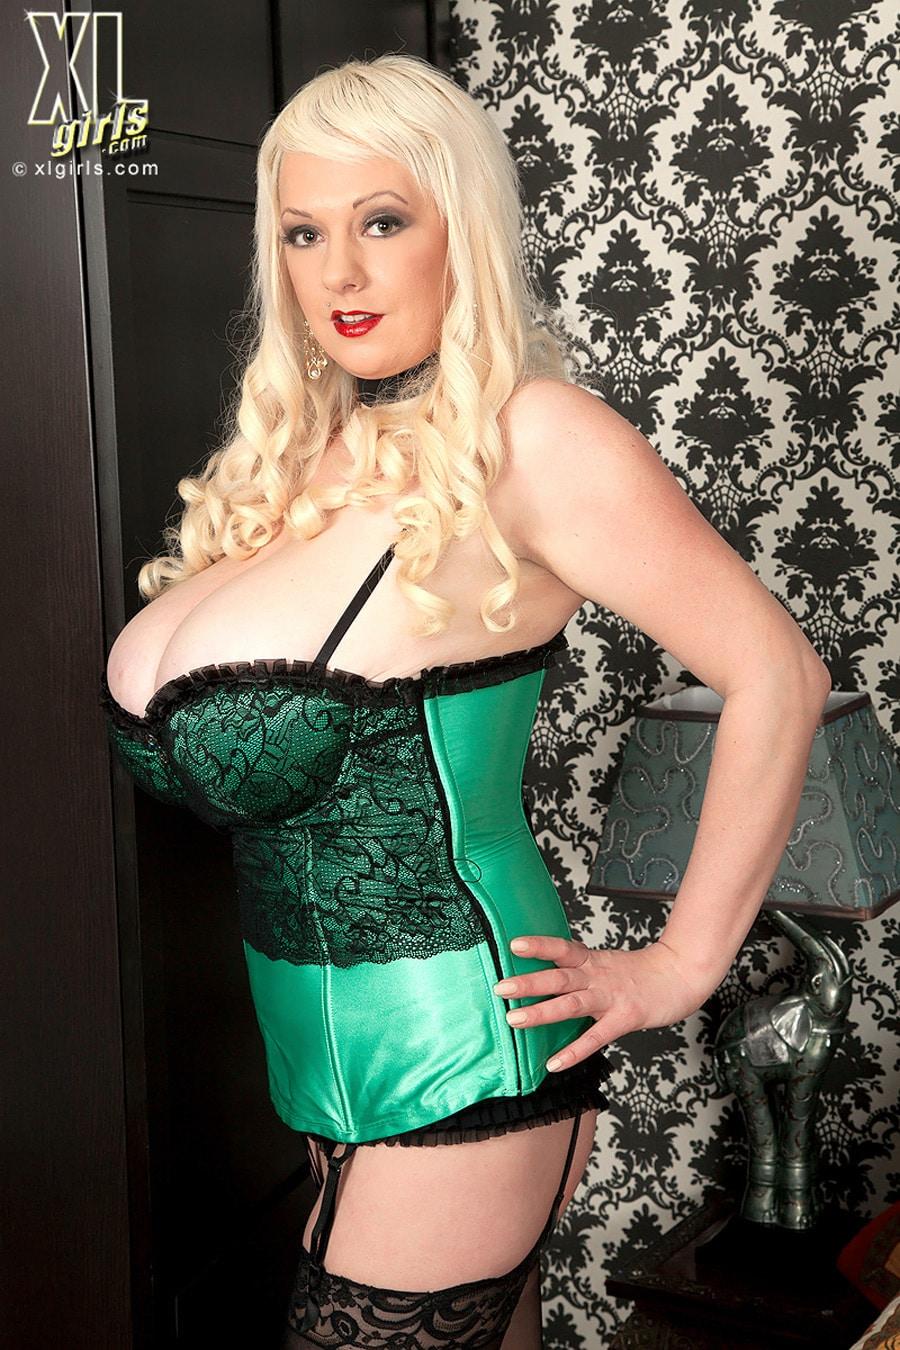 Emilia Boshe remplit un corset de ses seins énormes